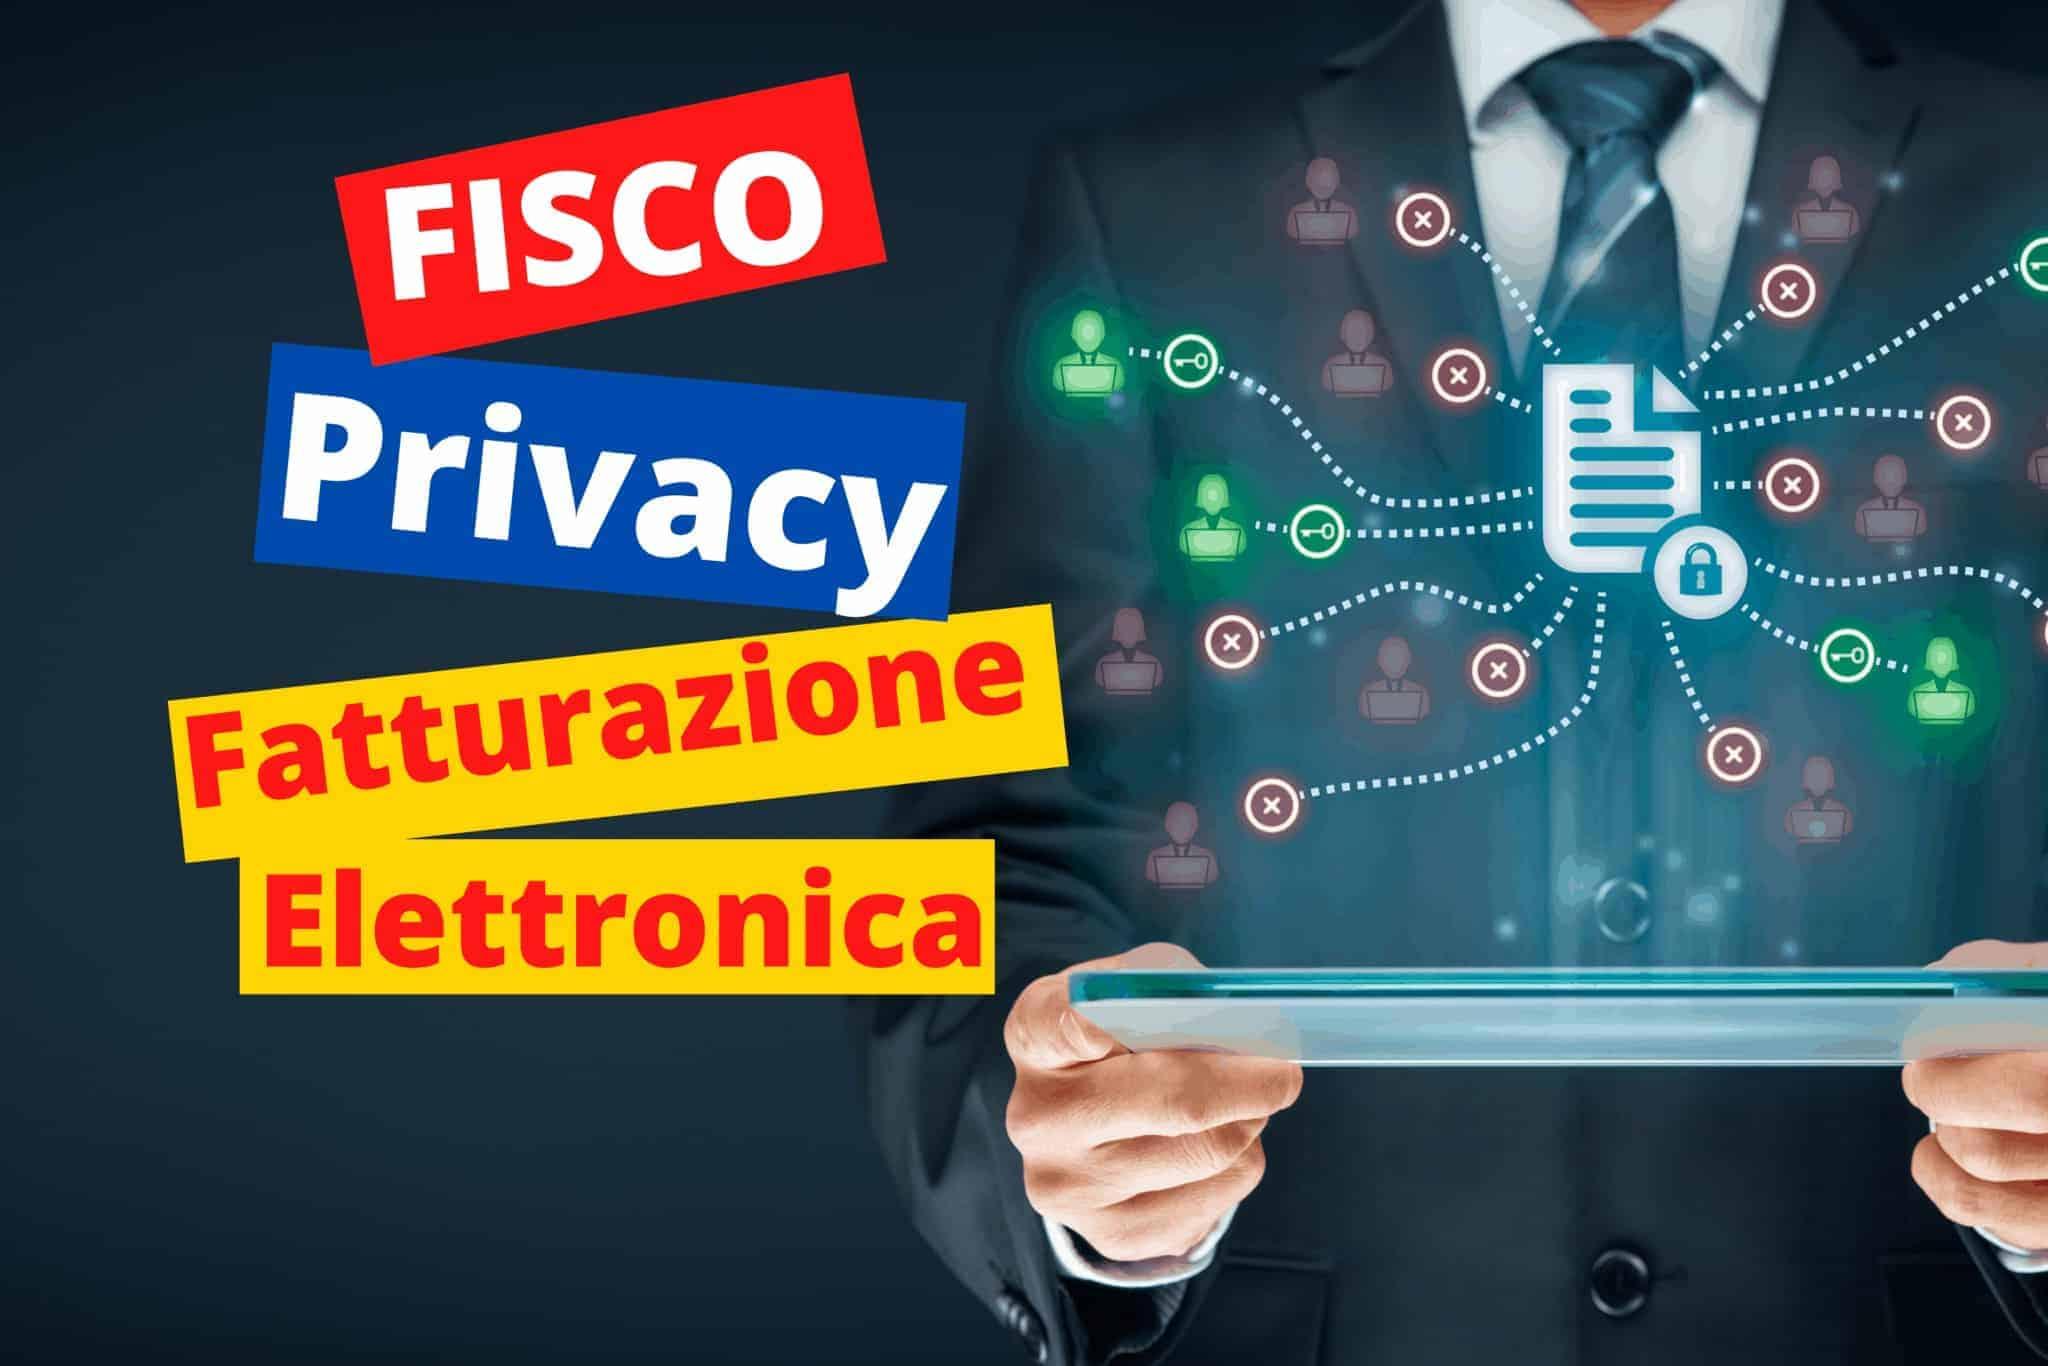 Fisco, Privacy Fatturazione Elettronica ex equitalia, agenzia entrate riscossione, debiti fiscali, cartelle esattoriali, annullamento cartelle,Cash Flow Tax